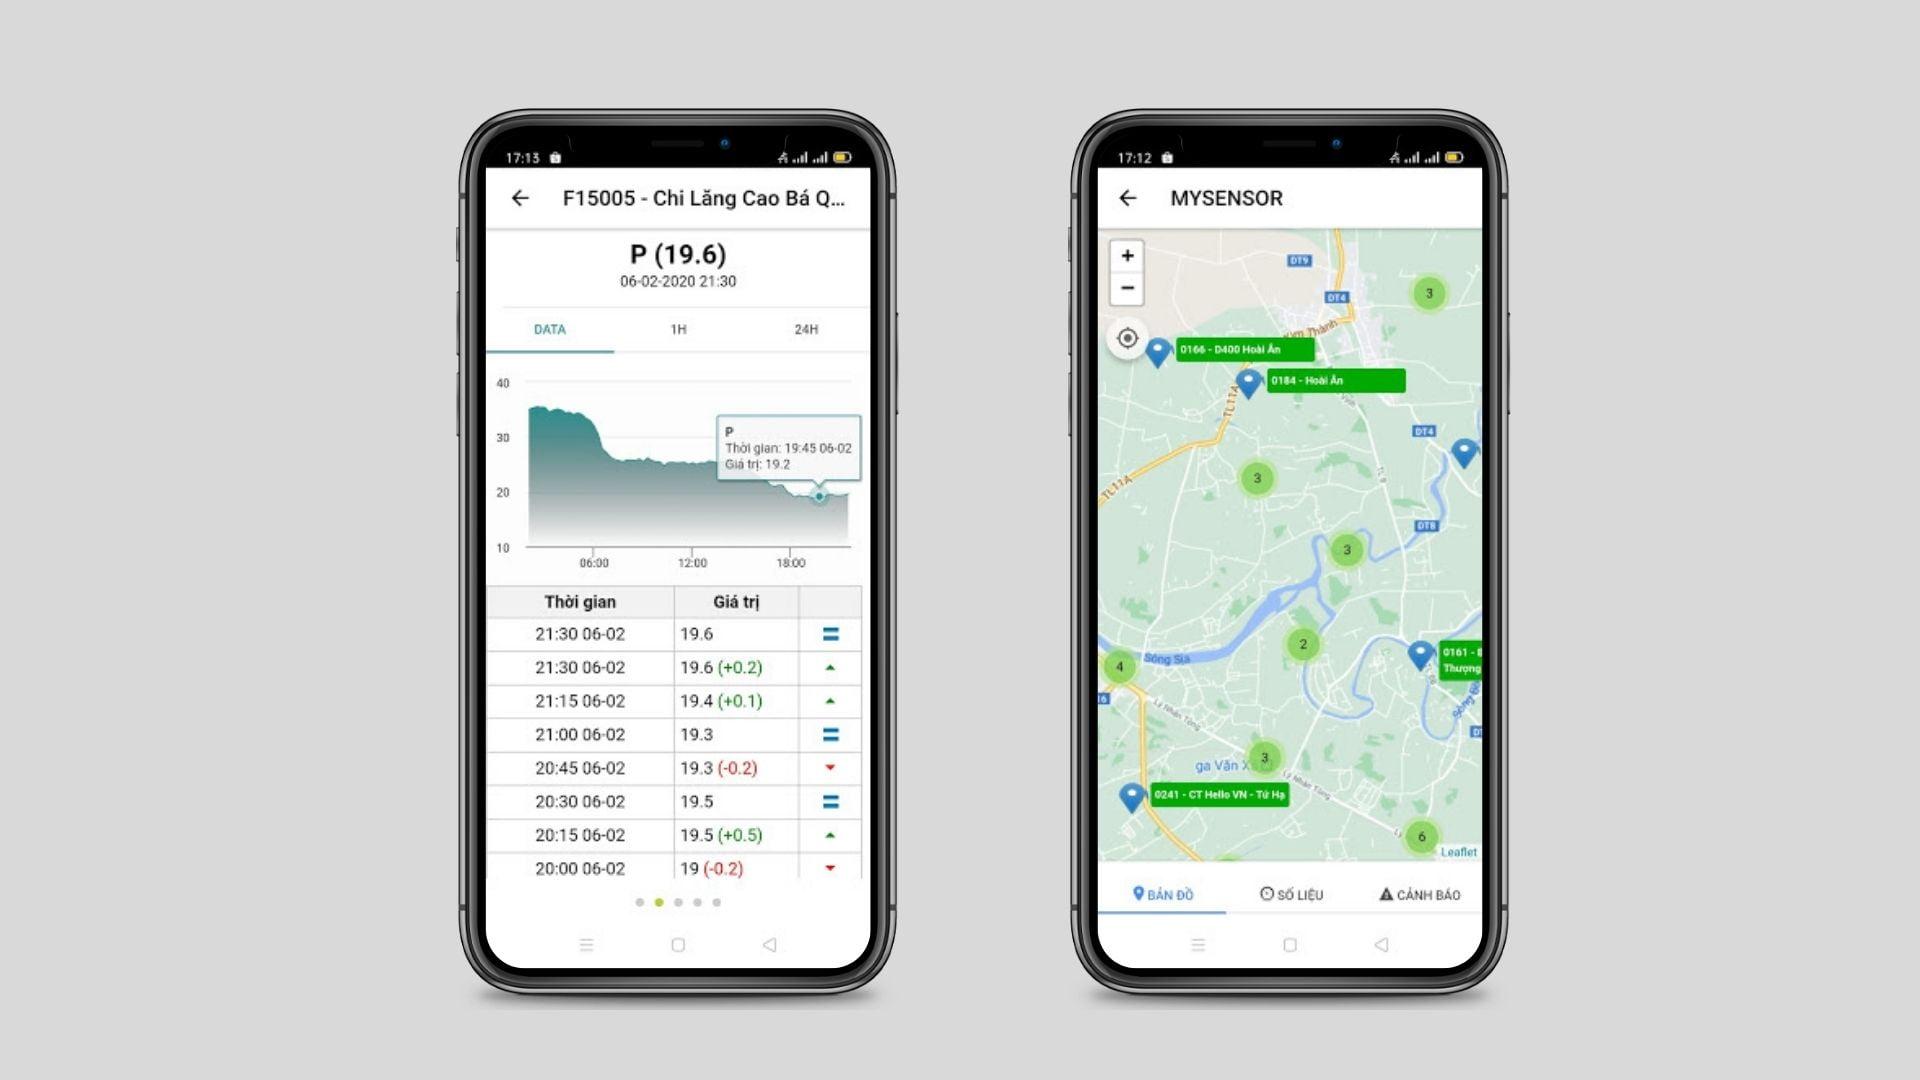 showcase-Giám sát số liệu vận hành mạng trên bản đồ qua ứng dụng di động